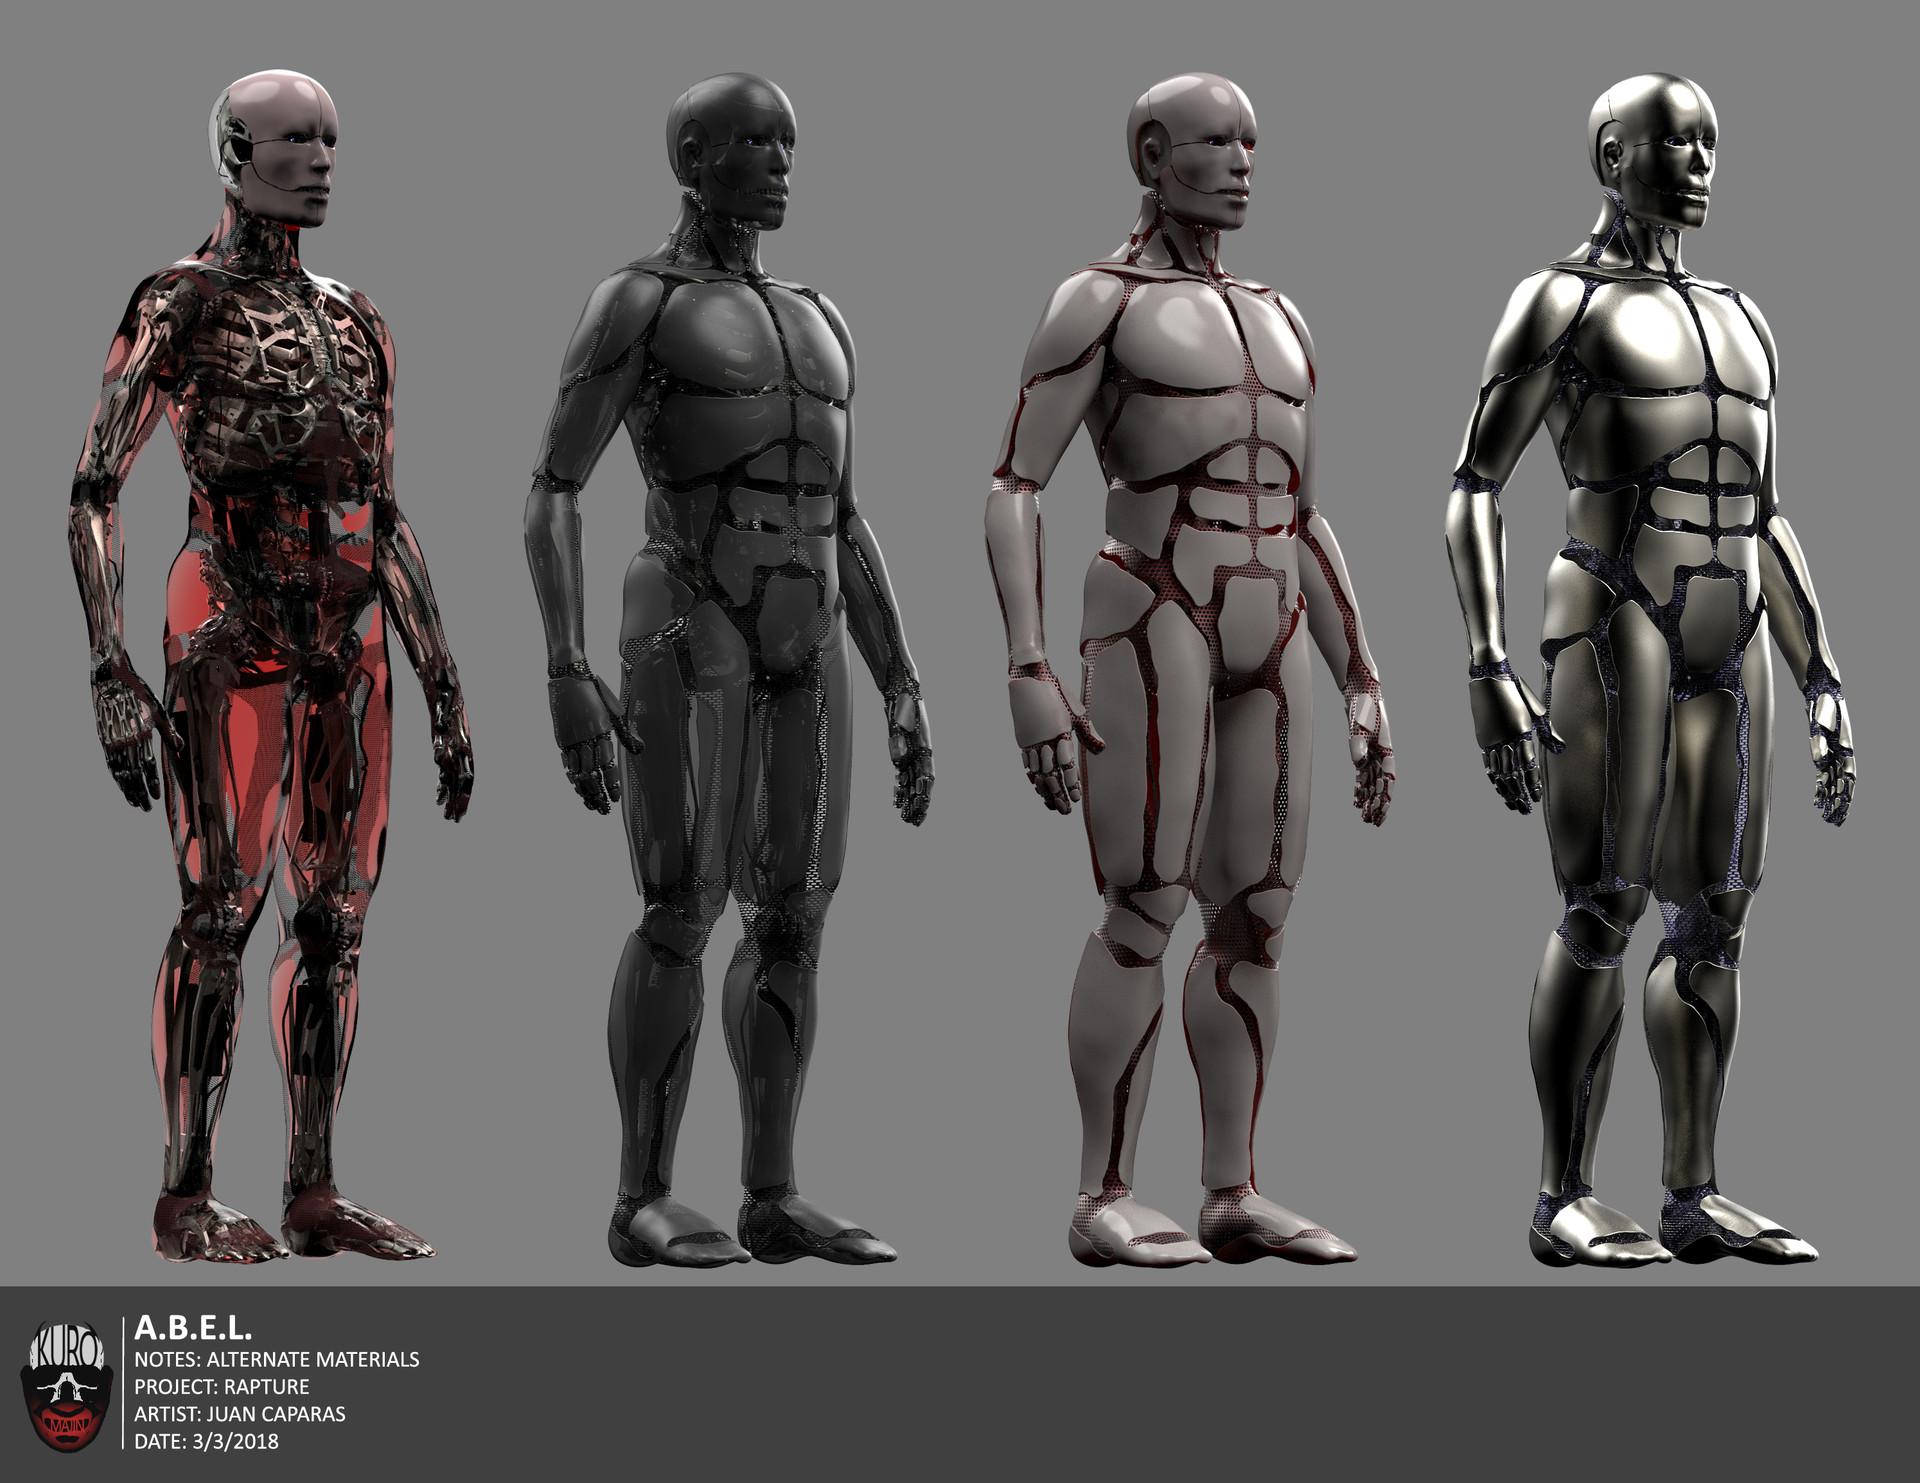 A.B.E.L. Concept Art 2   Kuro Majin Productions